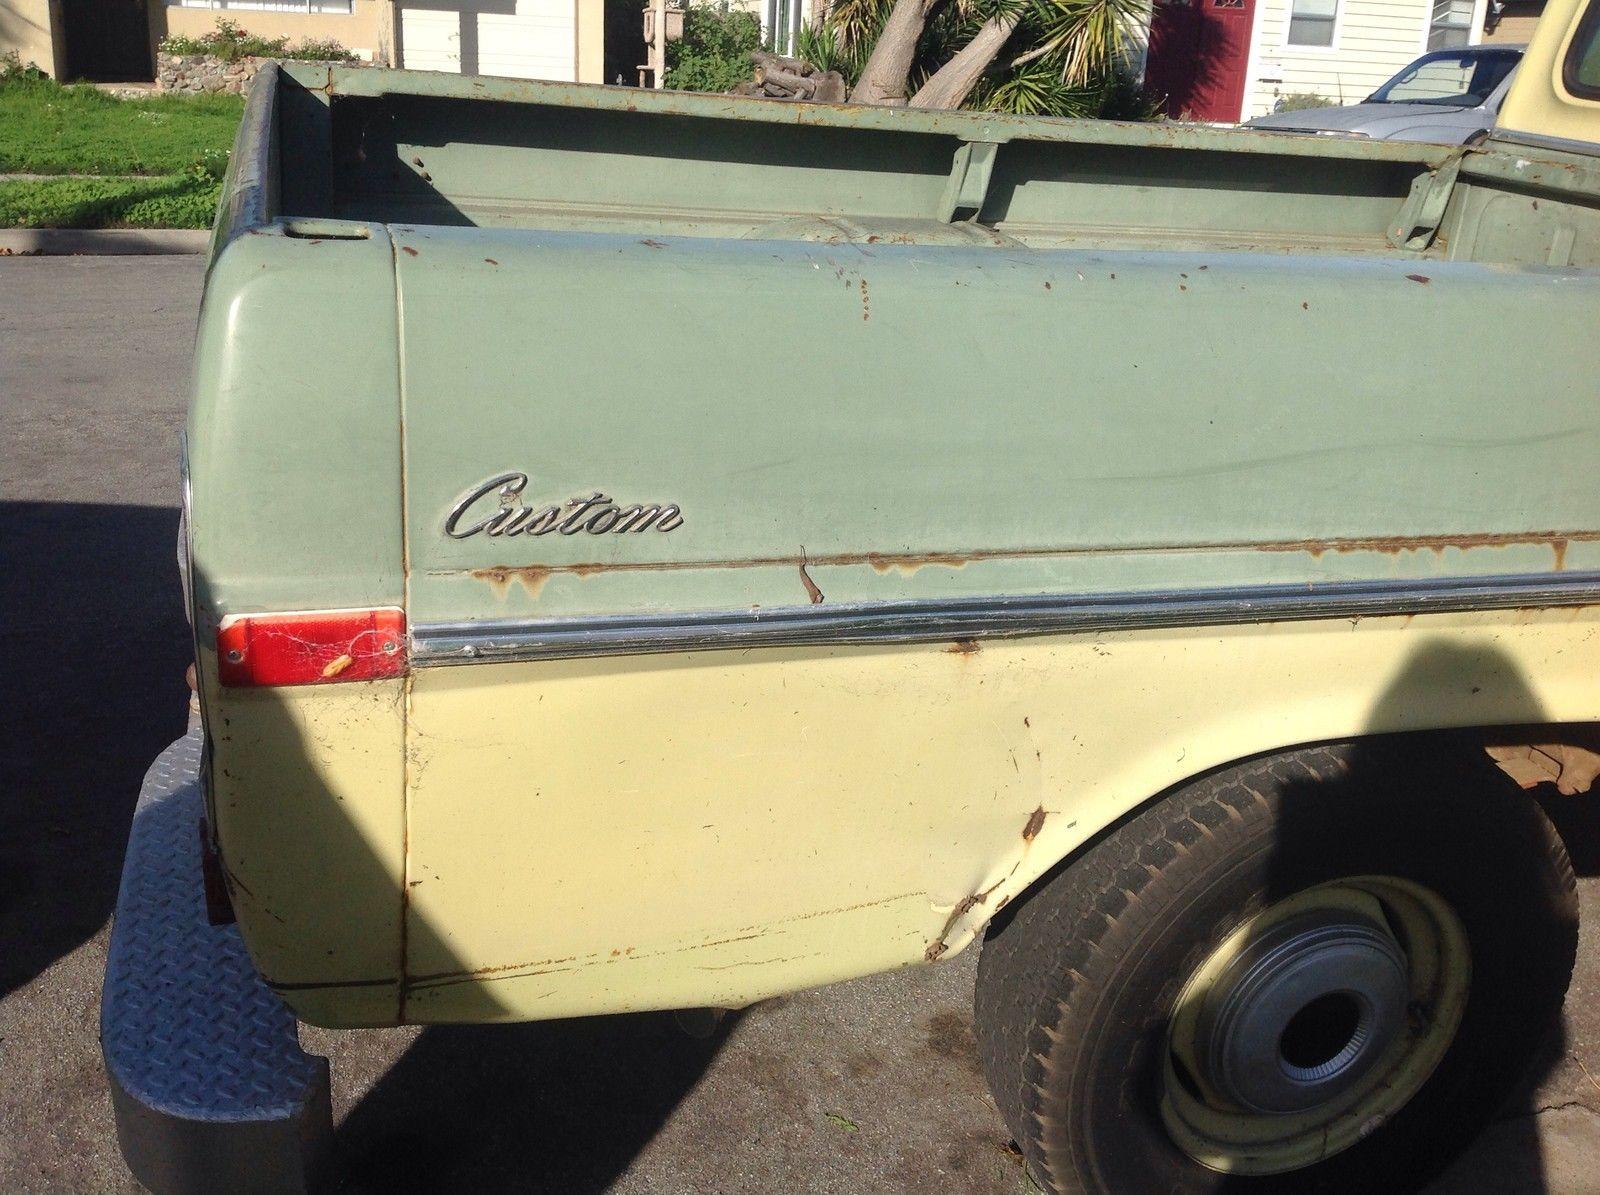 1970 F100 Ford Custom Pickup Truck A True Classic And Restorers Dream